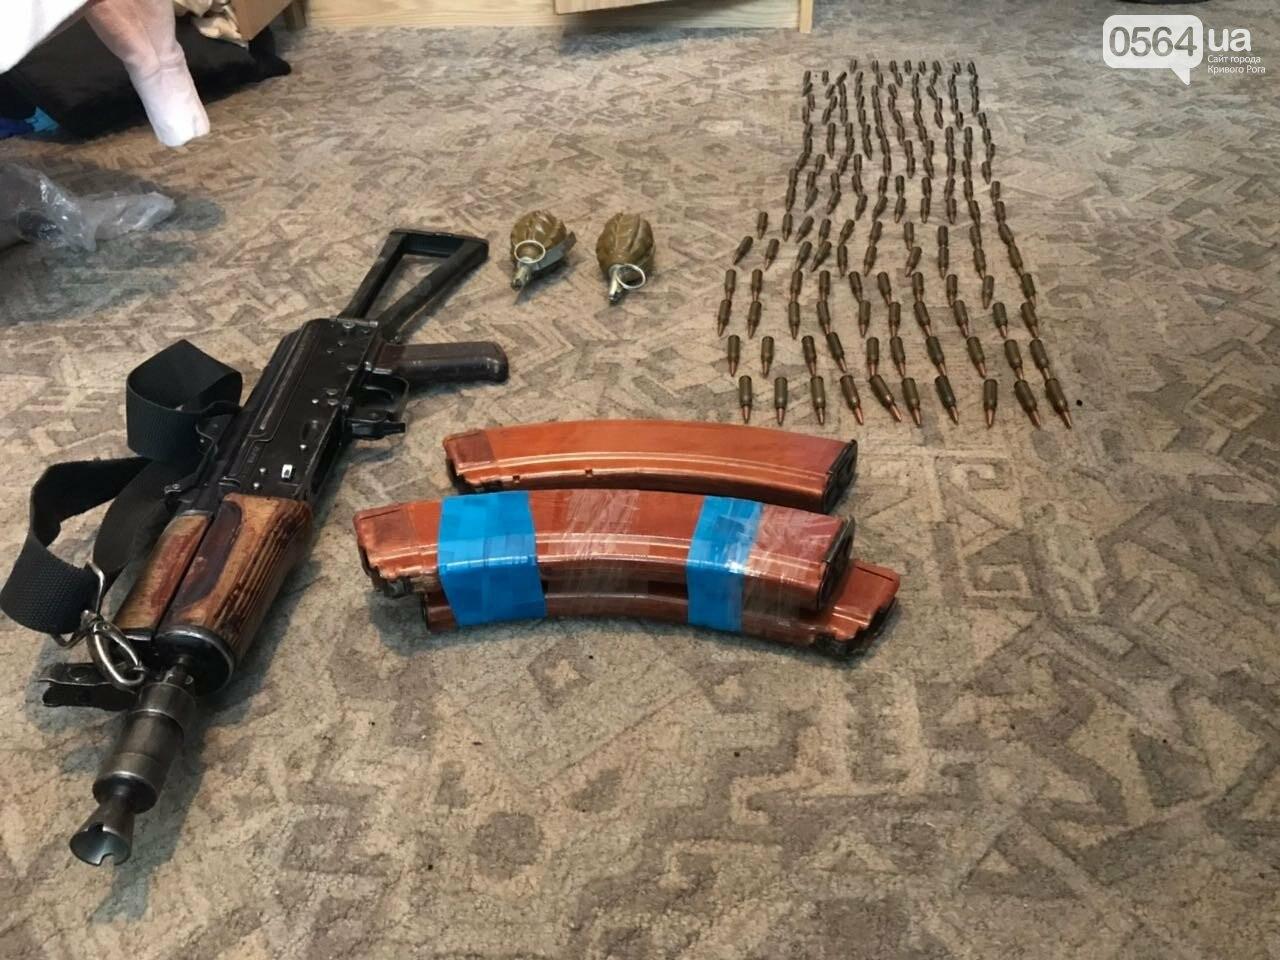 В Кривом Роге: на остановке умер мужчина, власти пообещали установить 3 памятника, у рецидивиста нашли арсенал оружия, фото-3